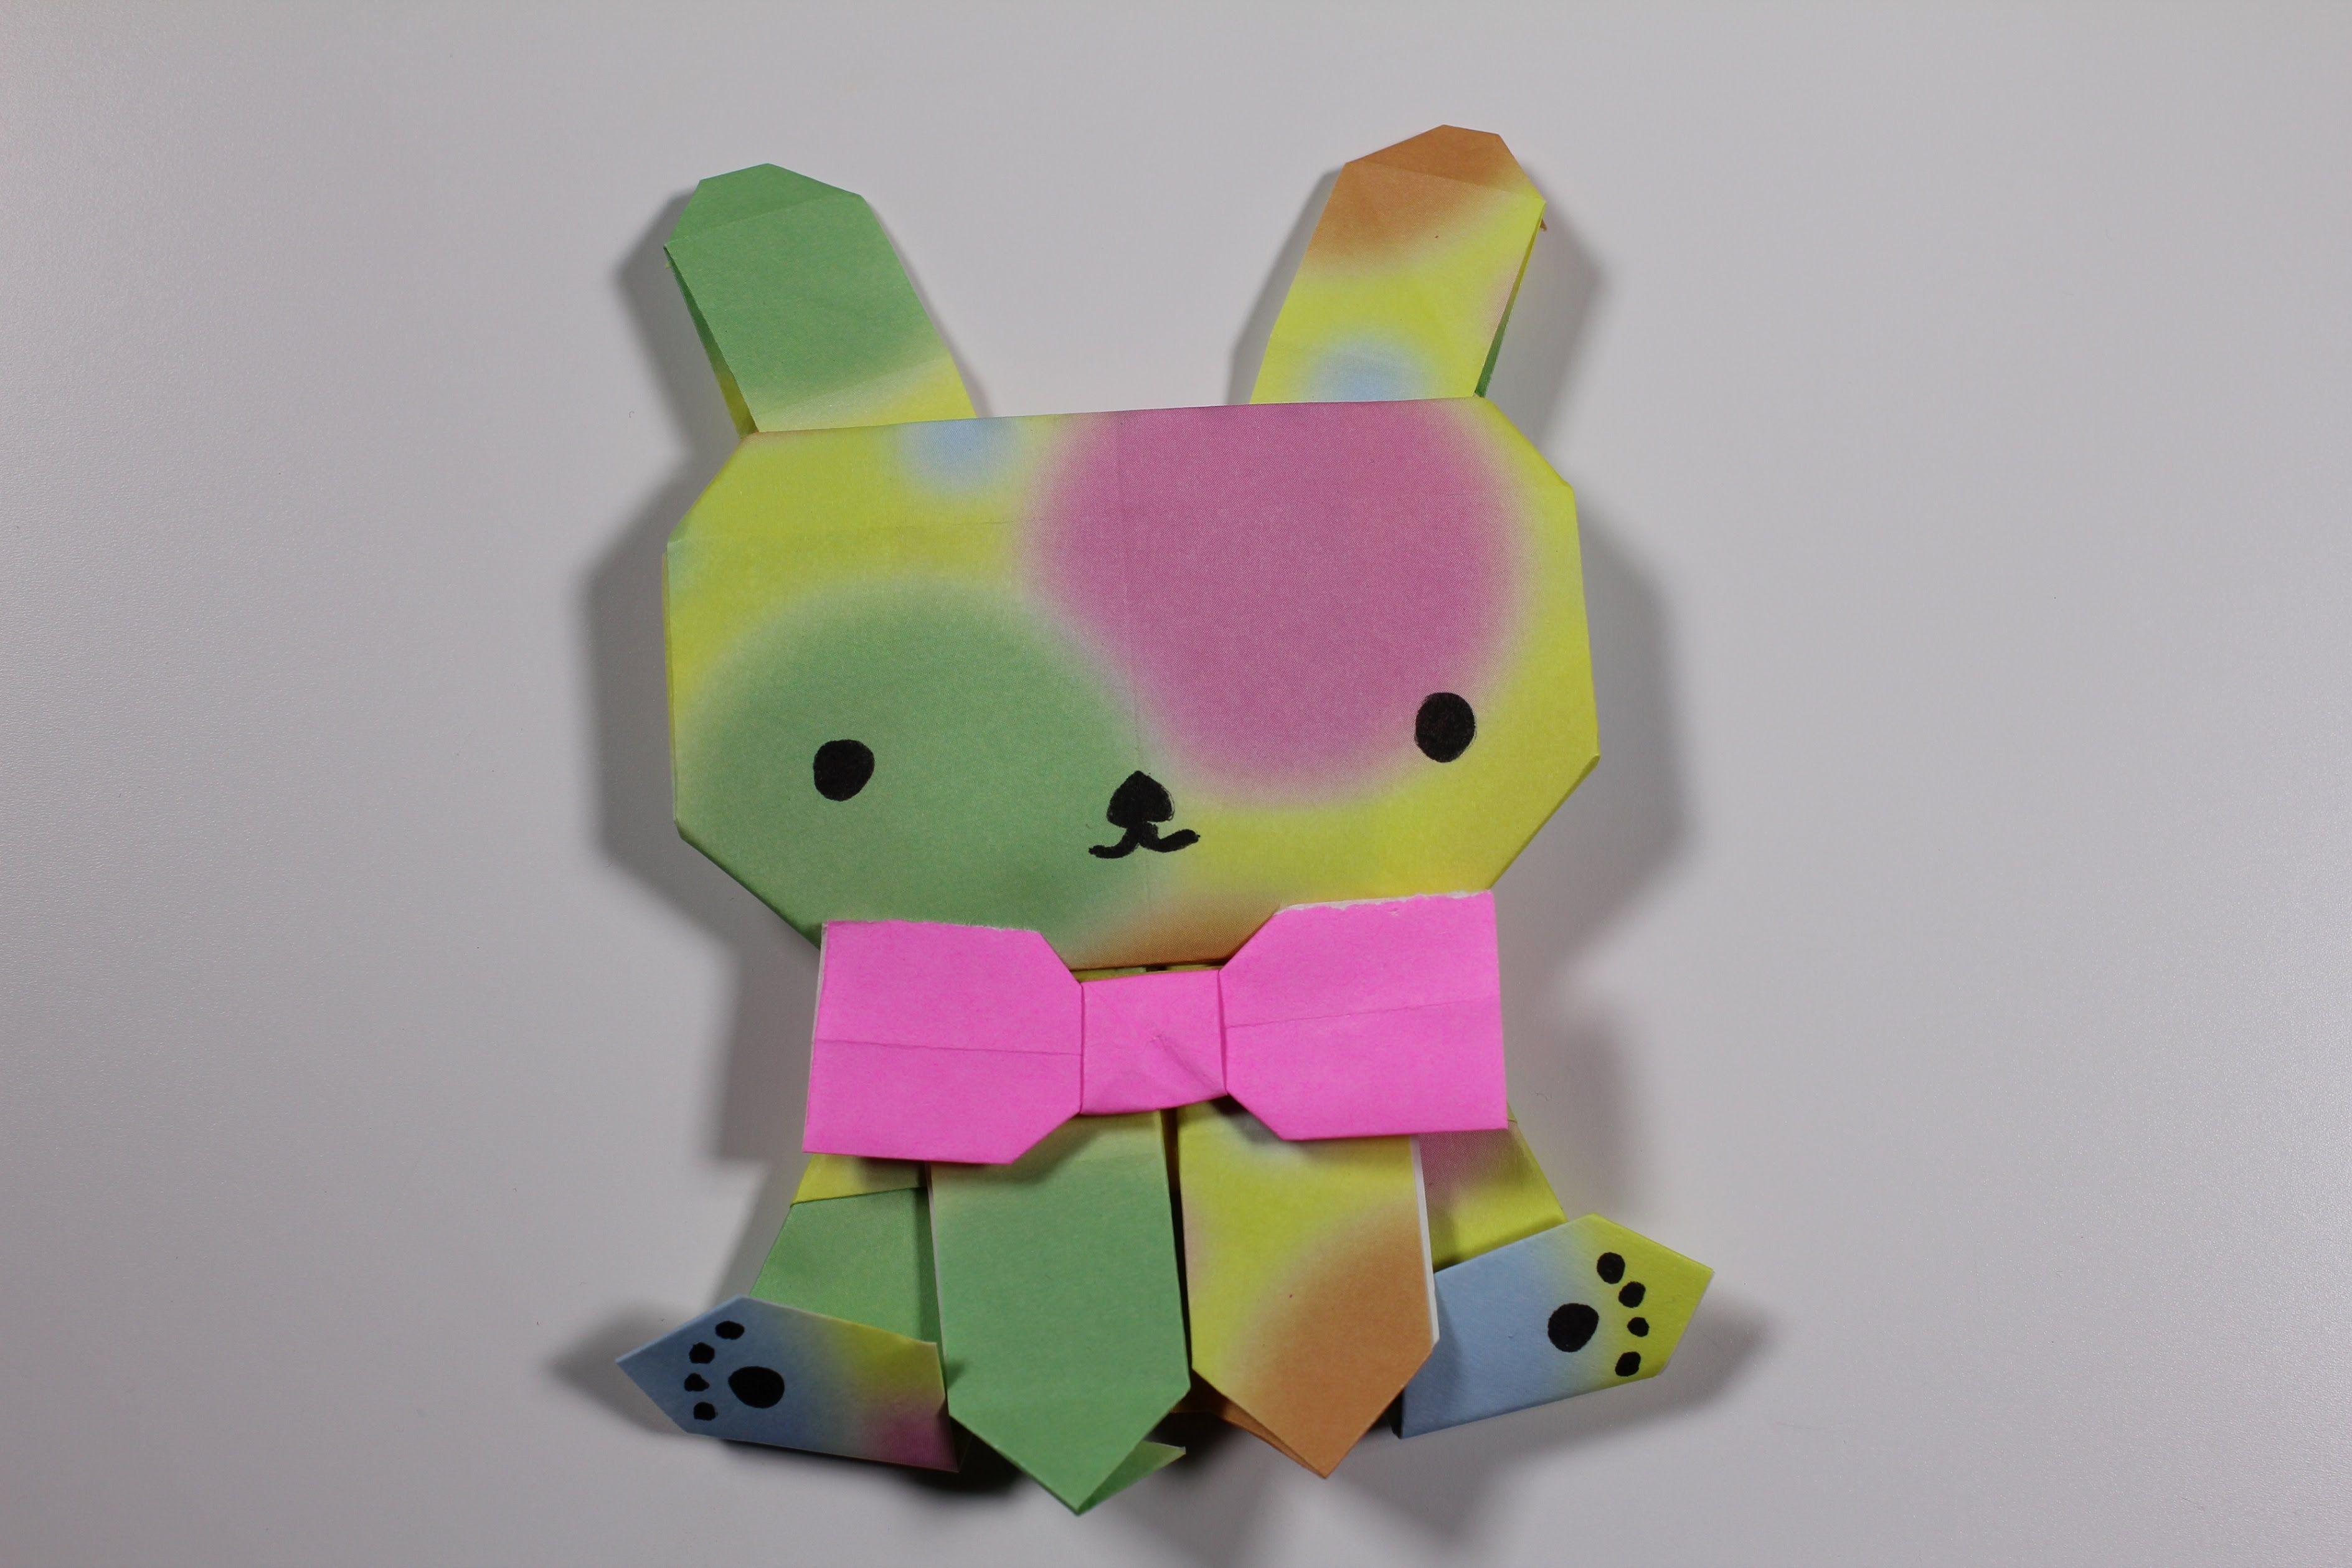 Easy Origami Rabbit 折り紙 可愛い 折り紙 簡単 折り紙 おもちゃ